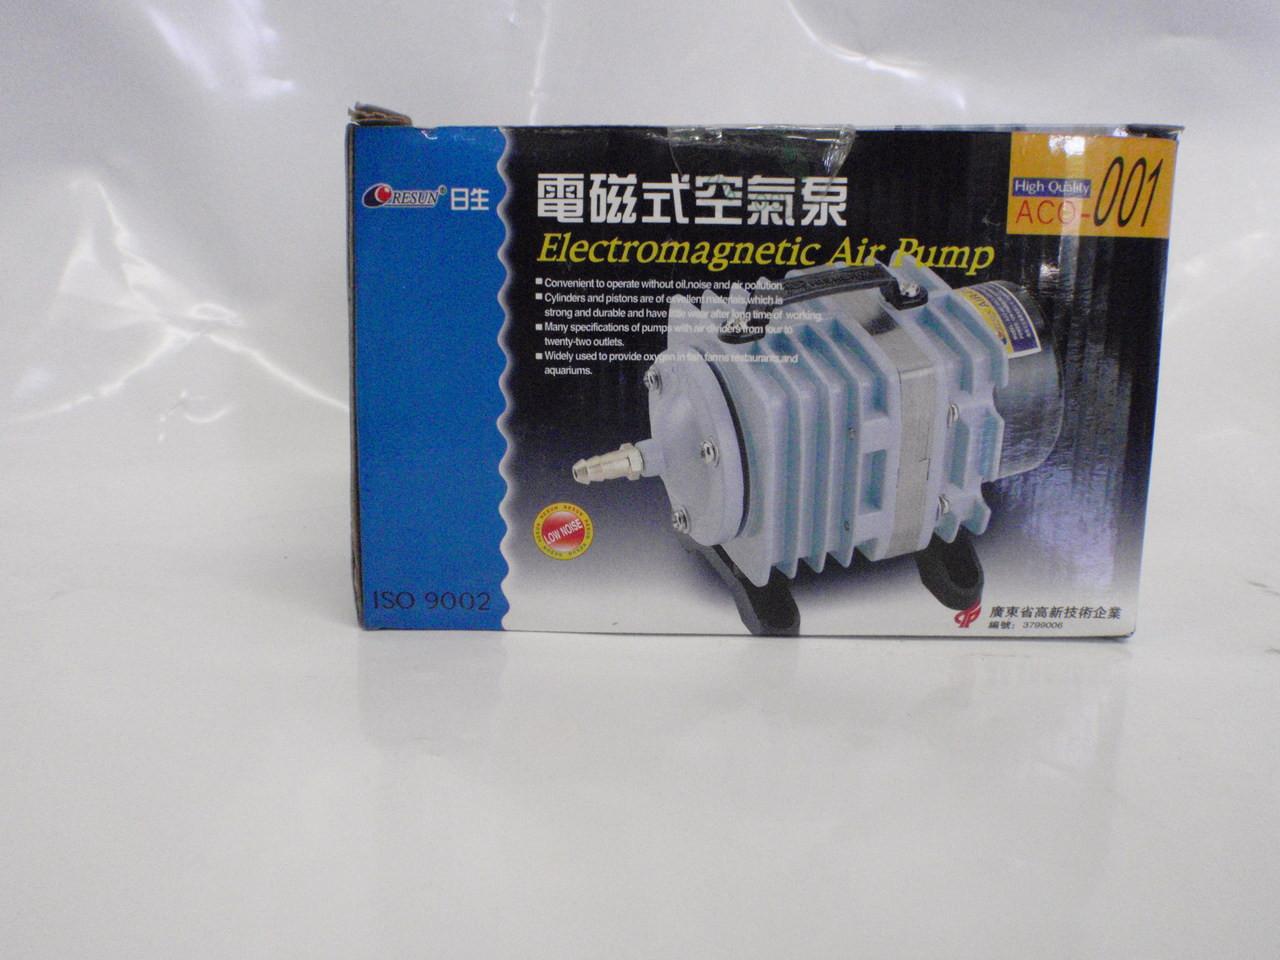 Resun Ac-01 Piston Air Pump